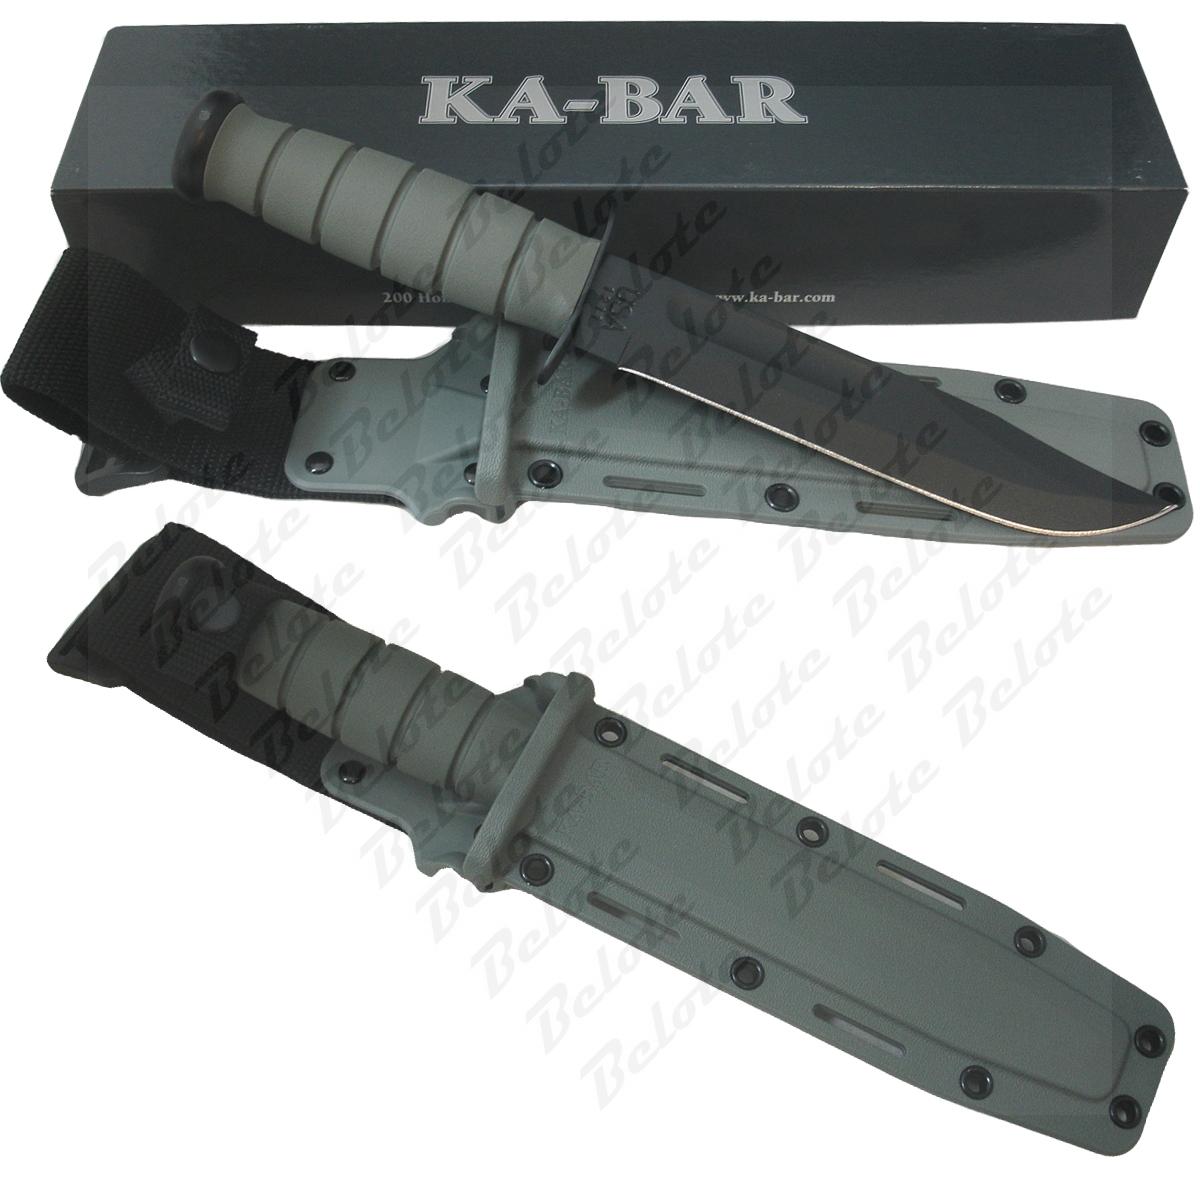 Kabar Usmc Utility Knife